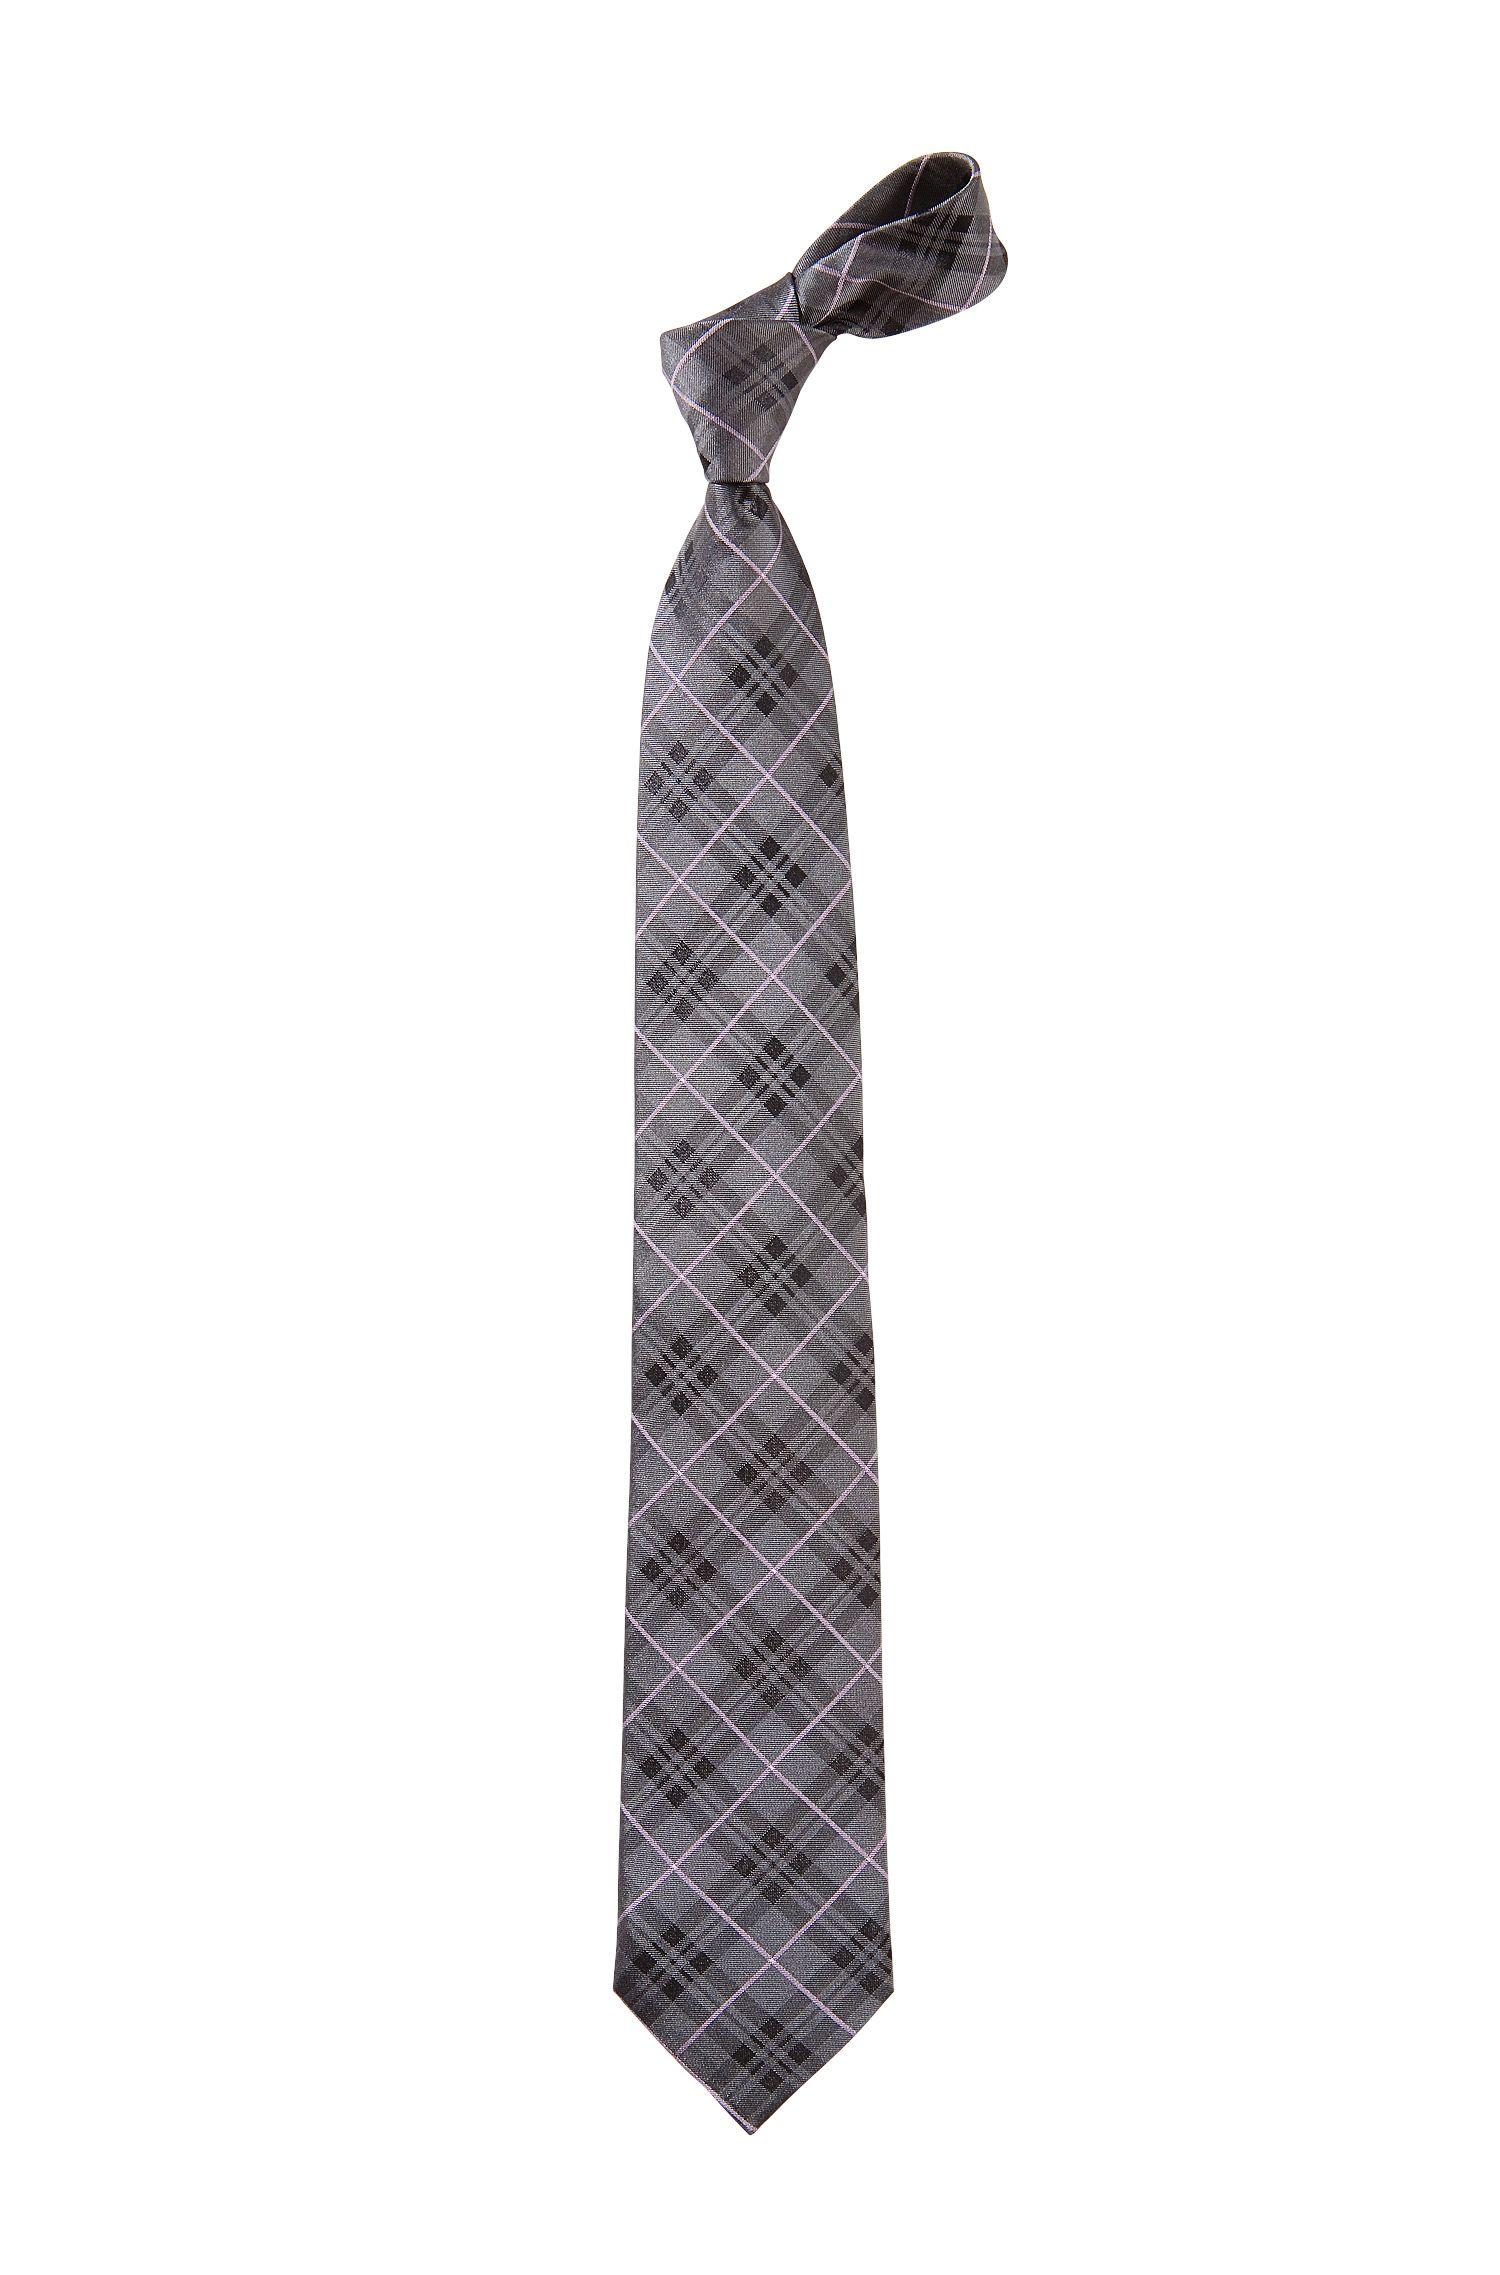 Cravate de la ligne Traveller, Tie 7,5 cm